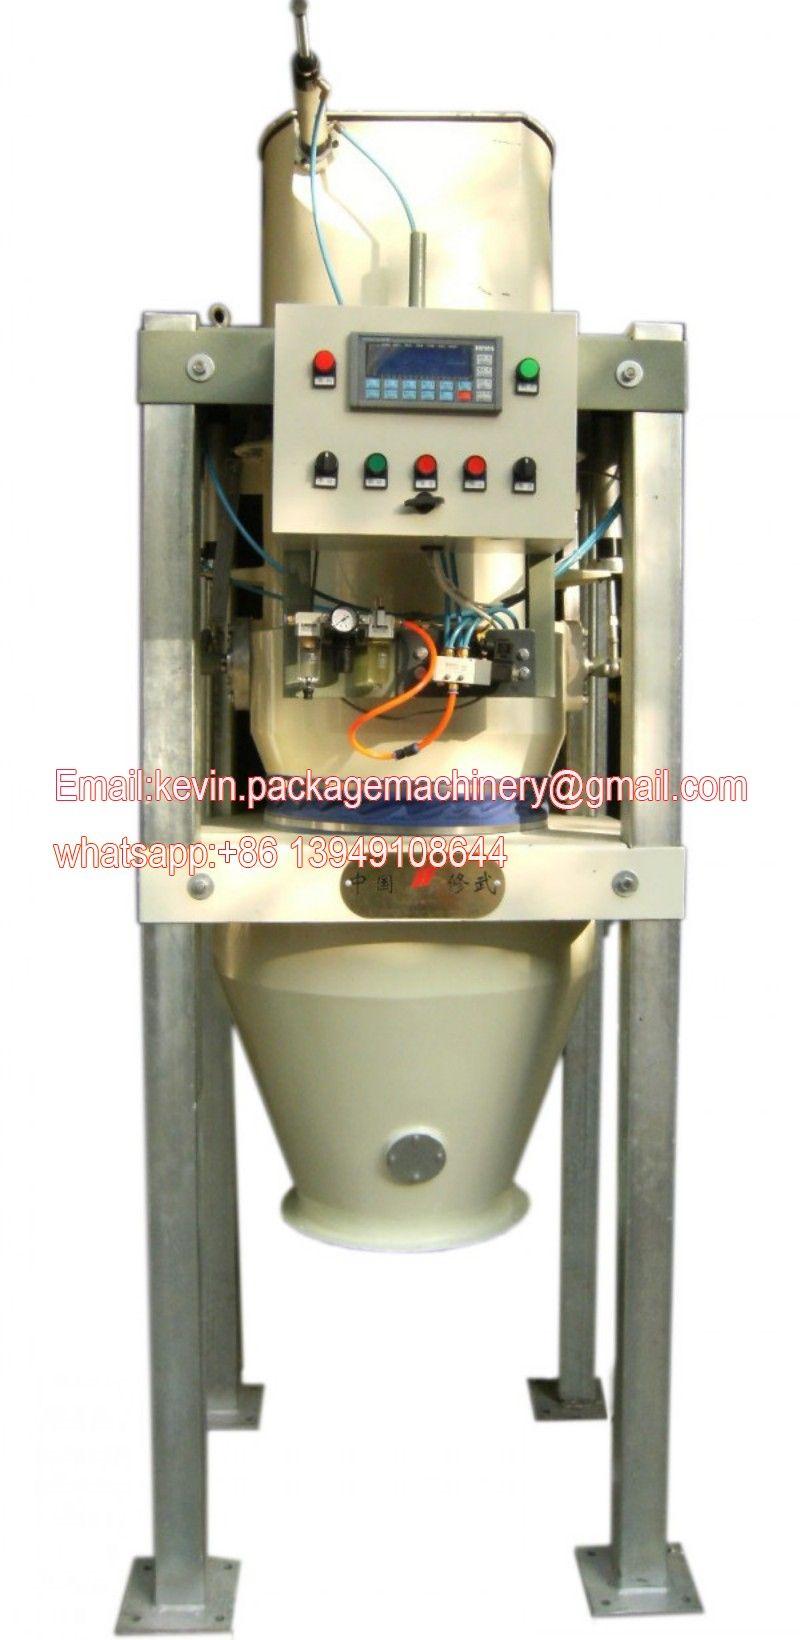 Tea Powder Packing Machine Sealing Machine Sachet Packing Machine Price Bottle Filling Machine Small Pouch Packing Machine Kitchen Appliances Espresso Machine